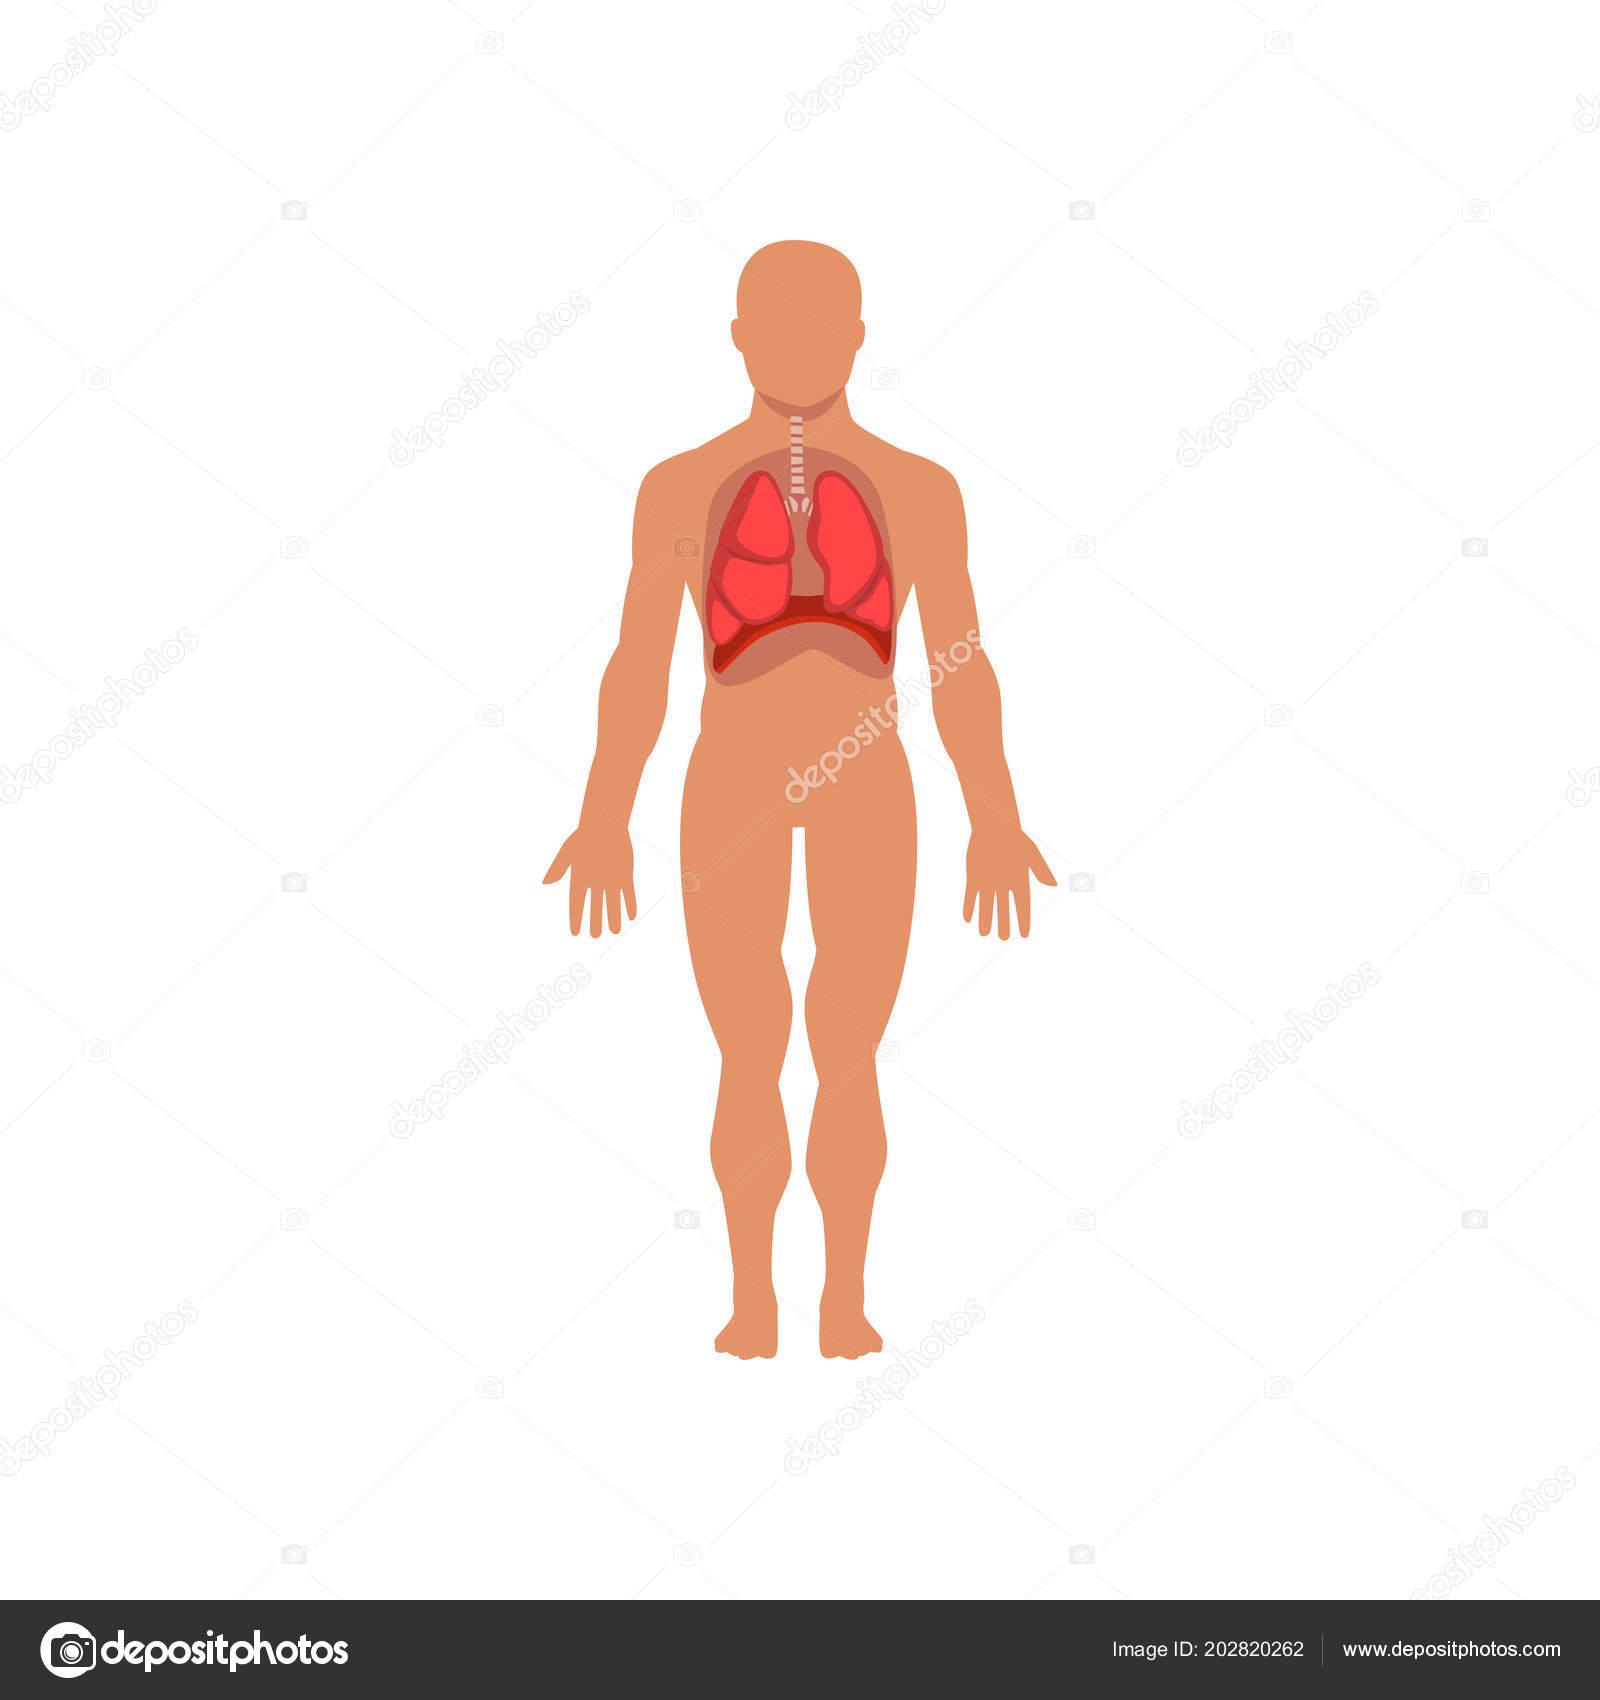 Menschlichen Atemwege, Anatomie des menschlichen Körpers Vektor ...